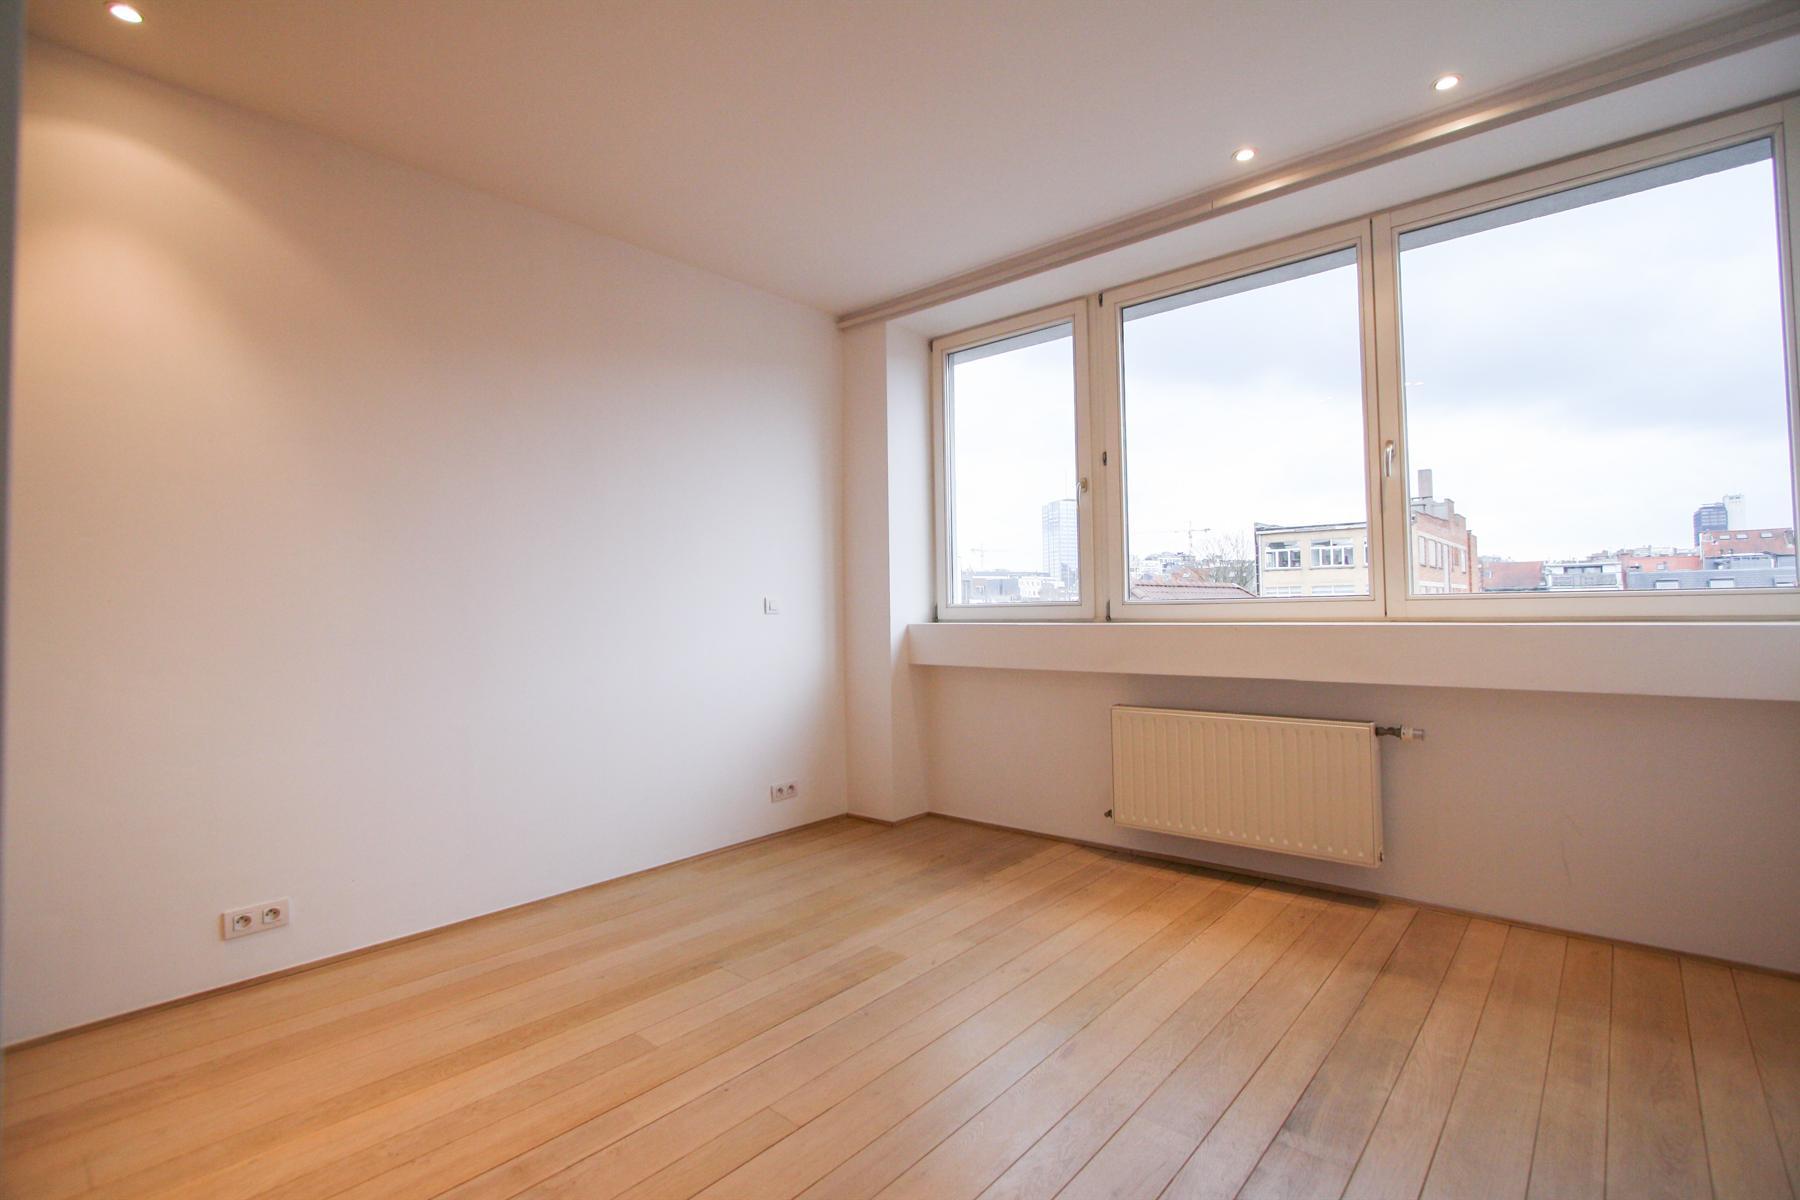 Appartement - Ixelles - #4530763-24